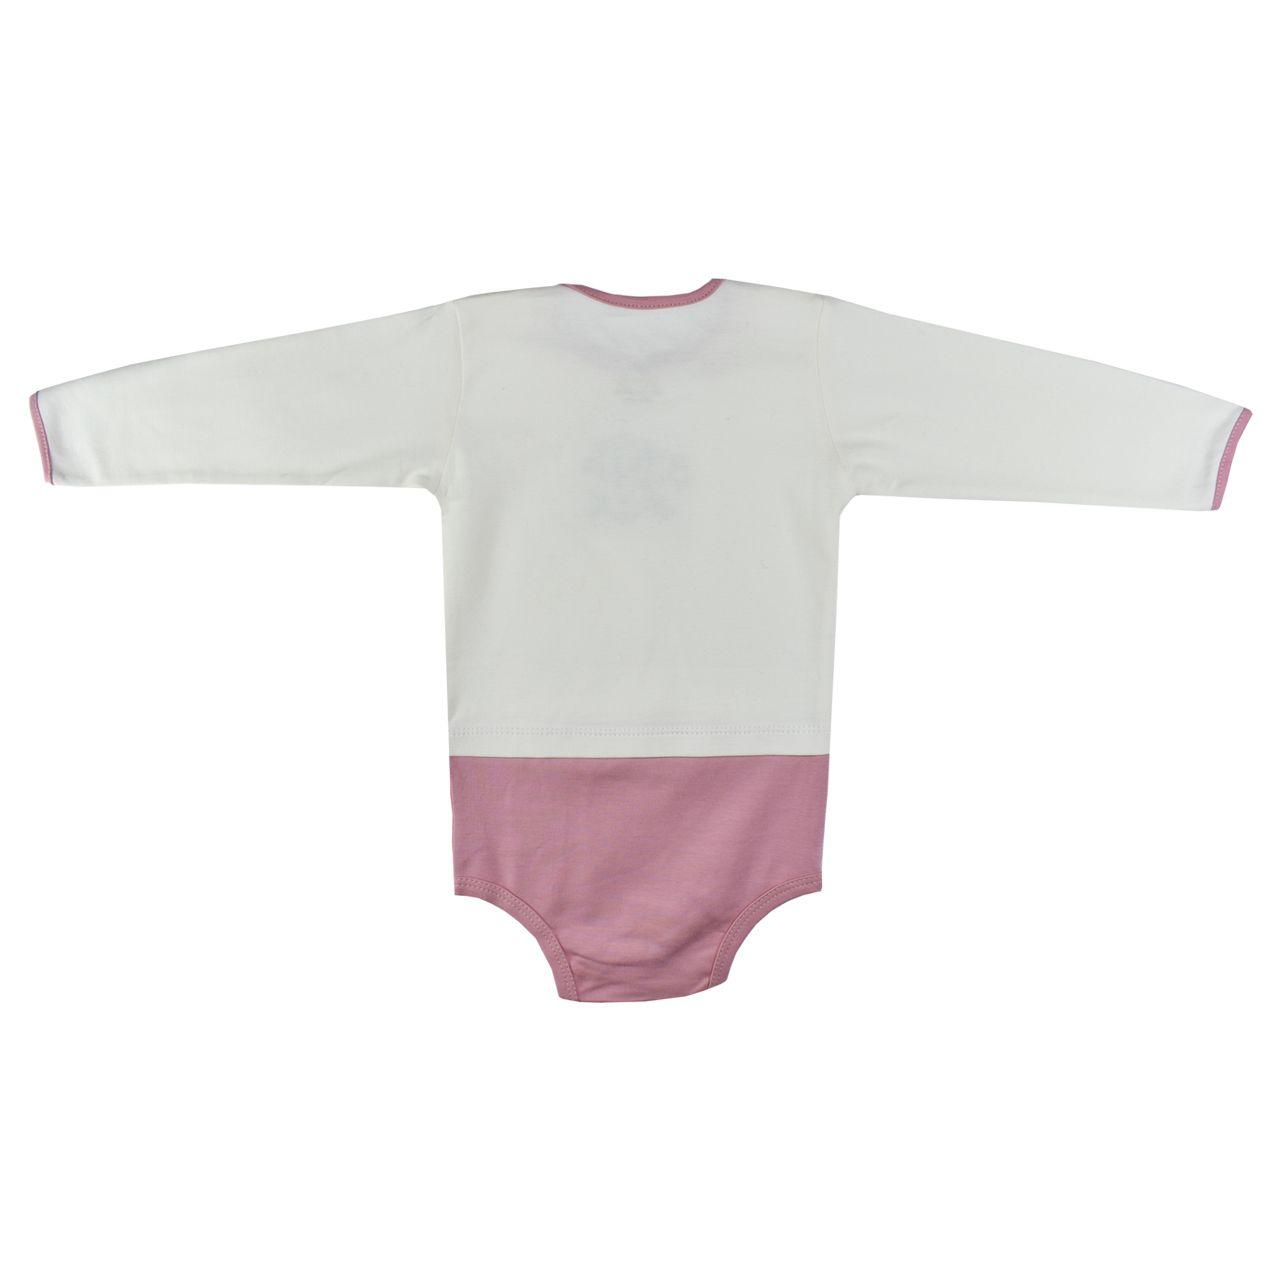 ست 5 تکه لباس نوزادی نیروان طرح گل کد 4 -  - 10